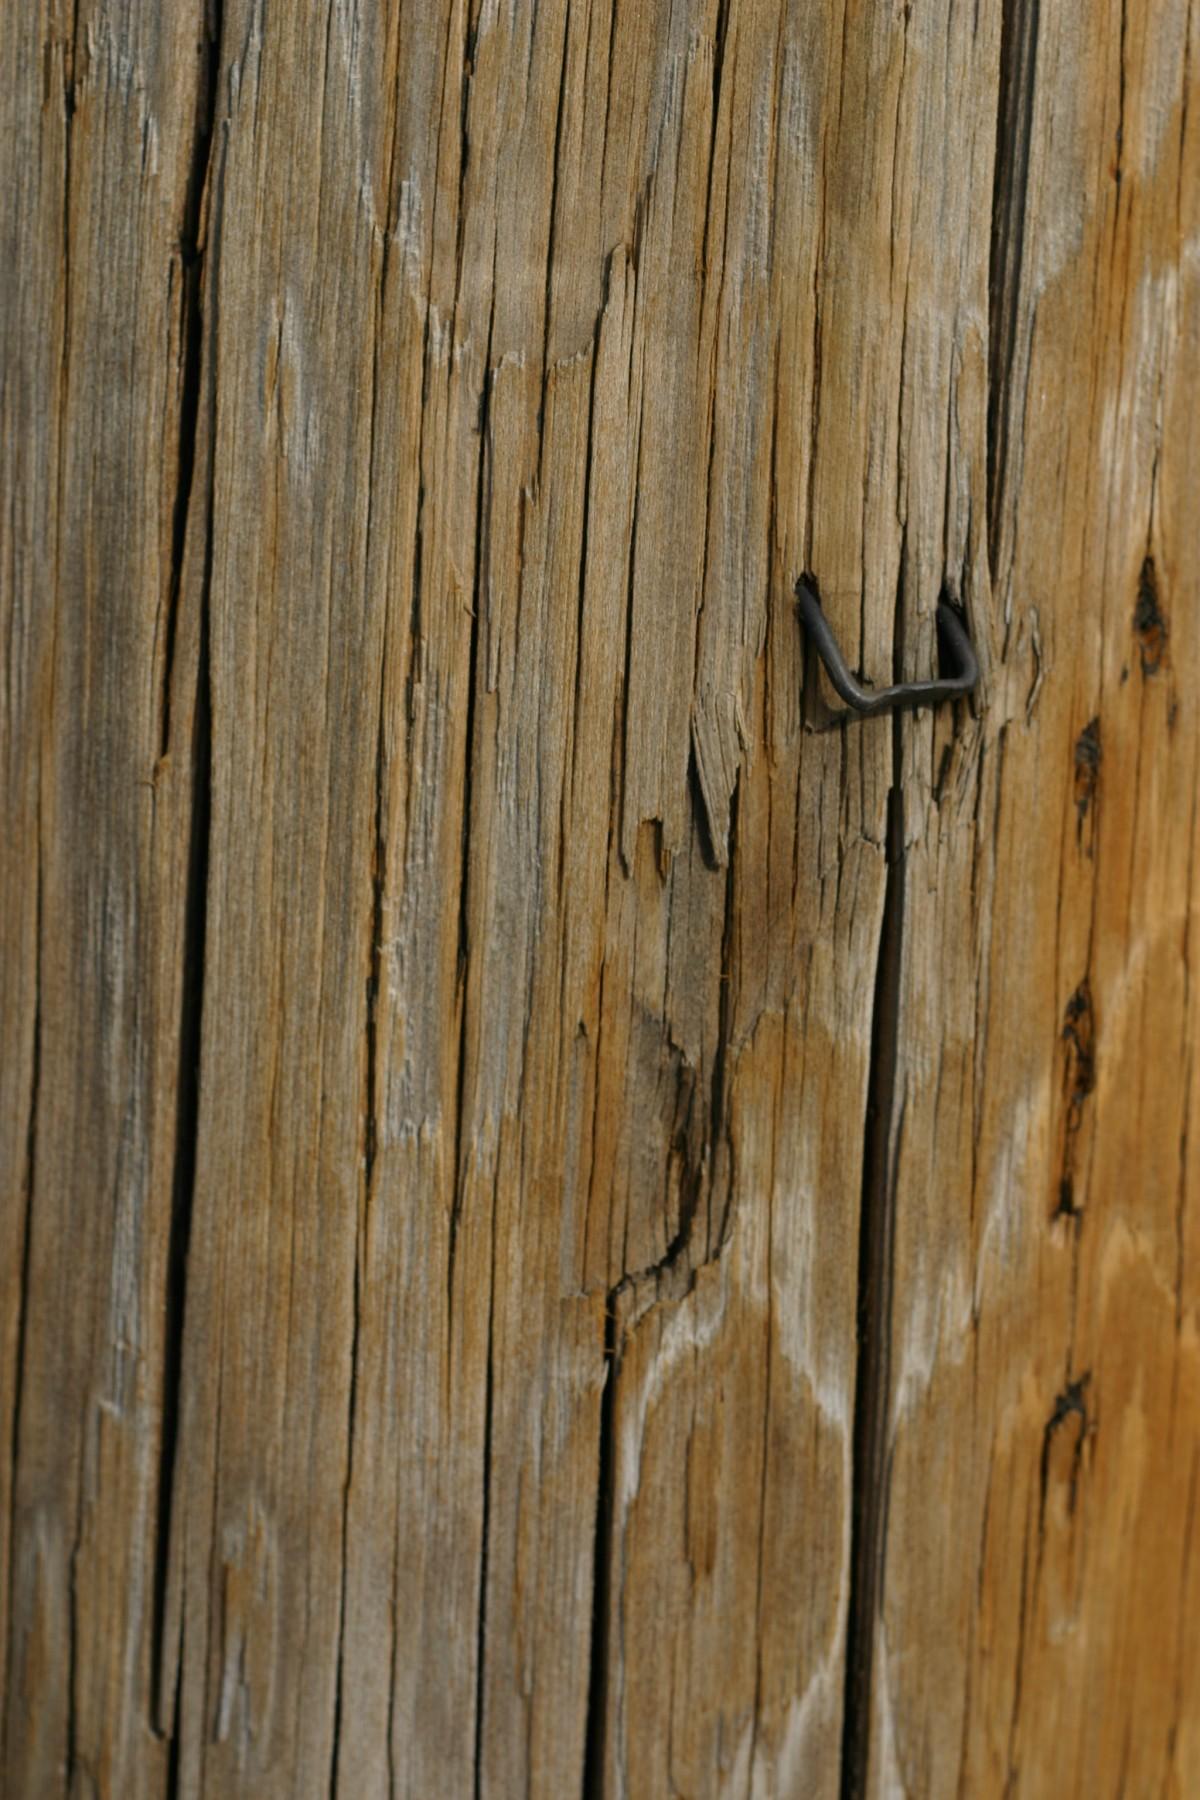 무료 이미지 : 자연, 분기, 조직, 널빤지, 트렁크, 벽, 흙, 재목 ...